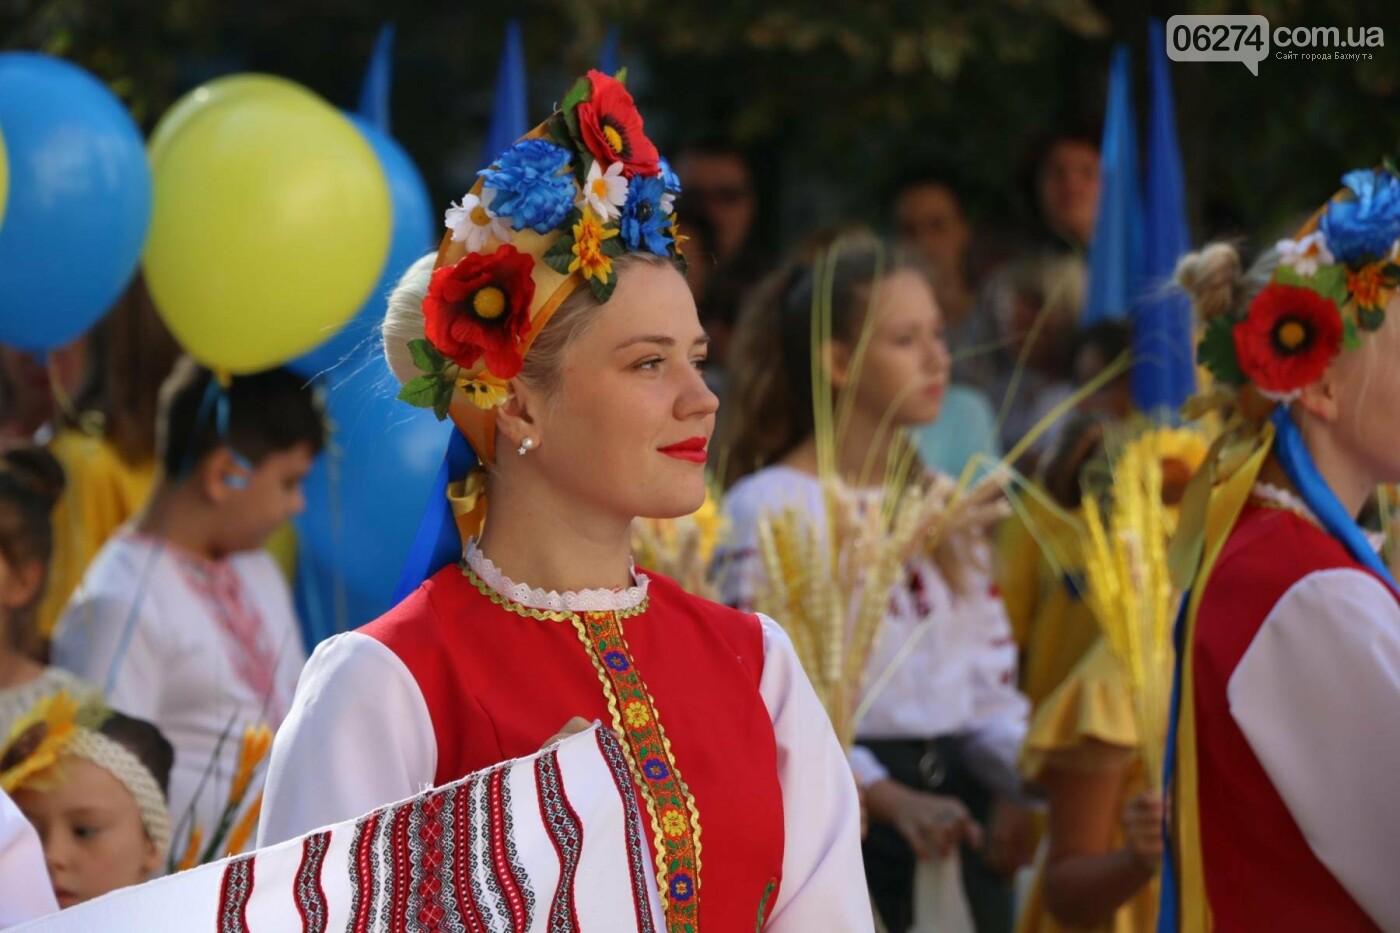 В Бахмуте отметили День государственного флага Украины, фото-1